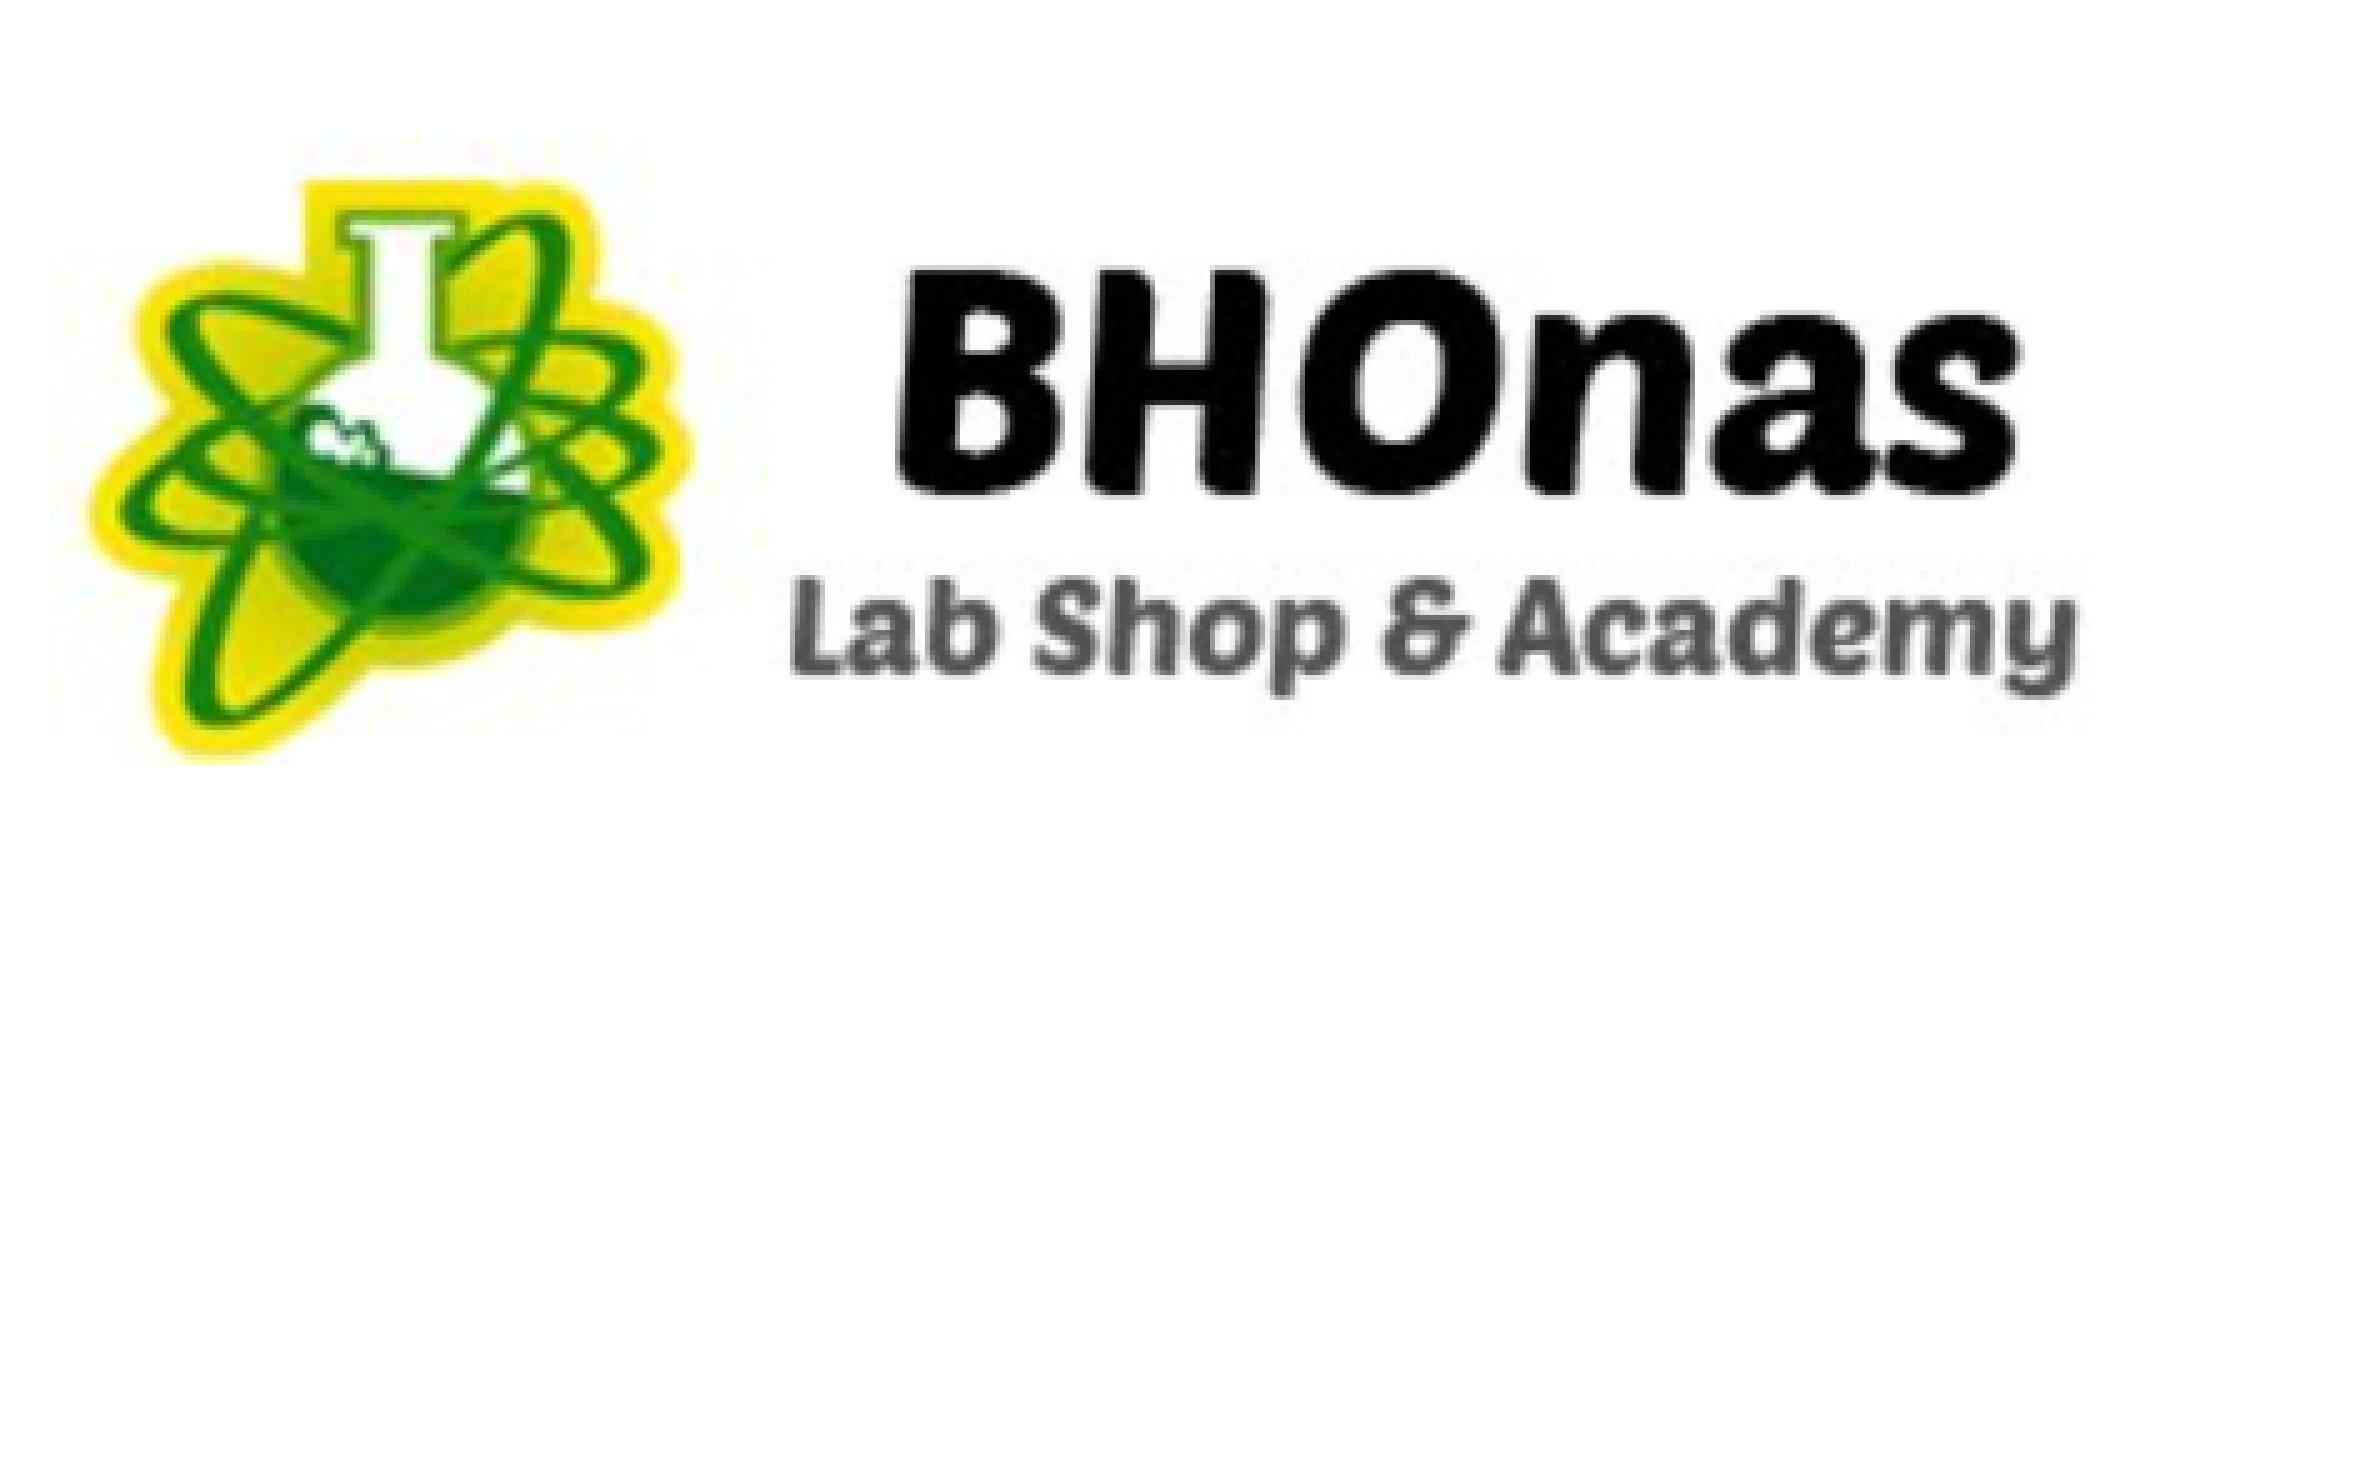 Bhonas Shop & Academy